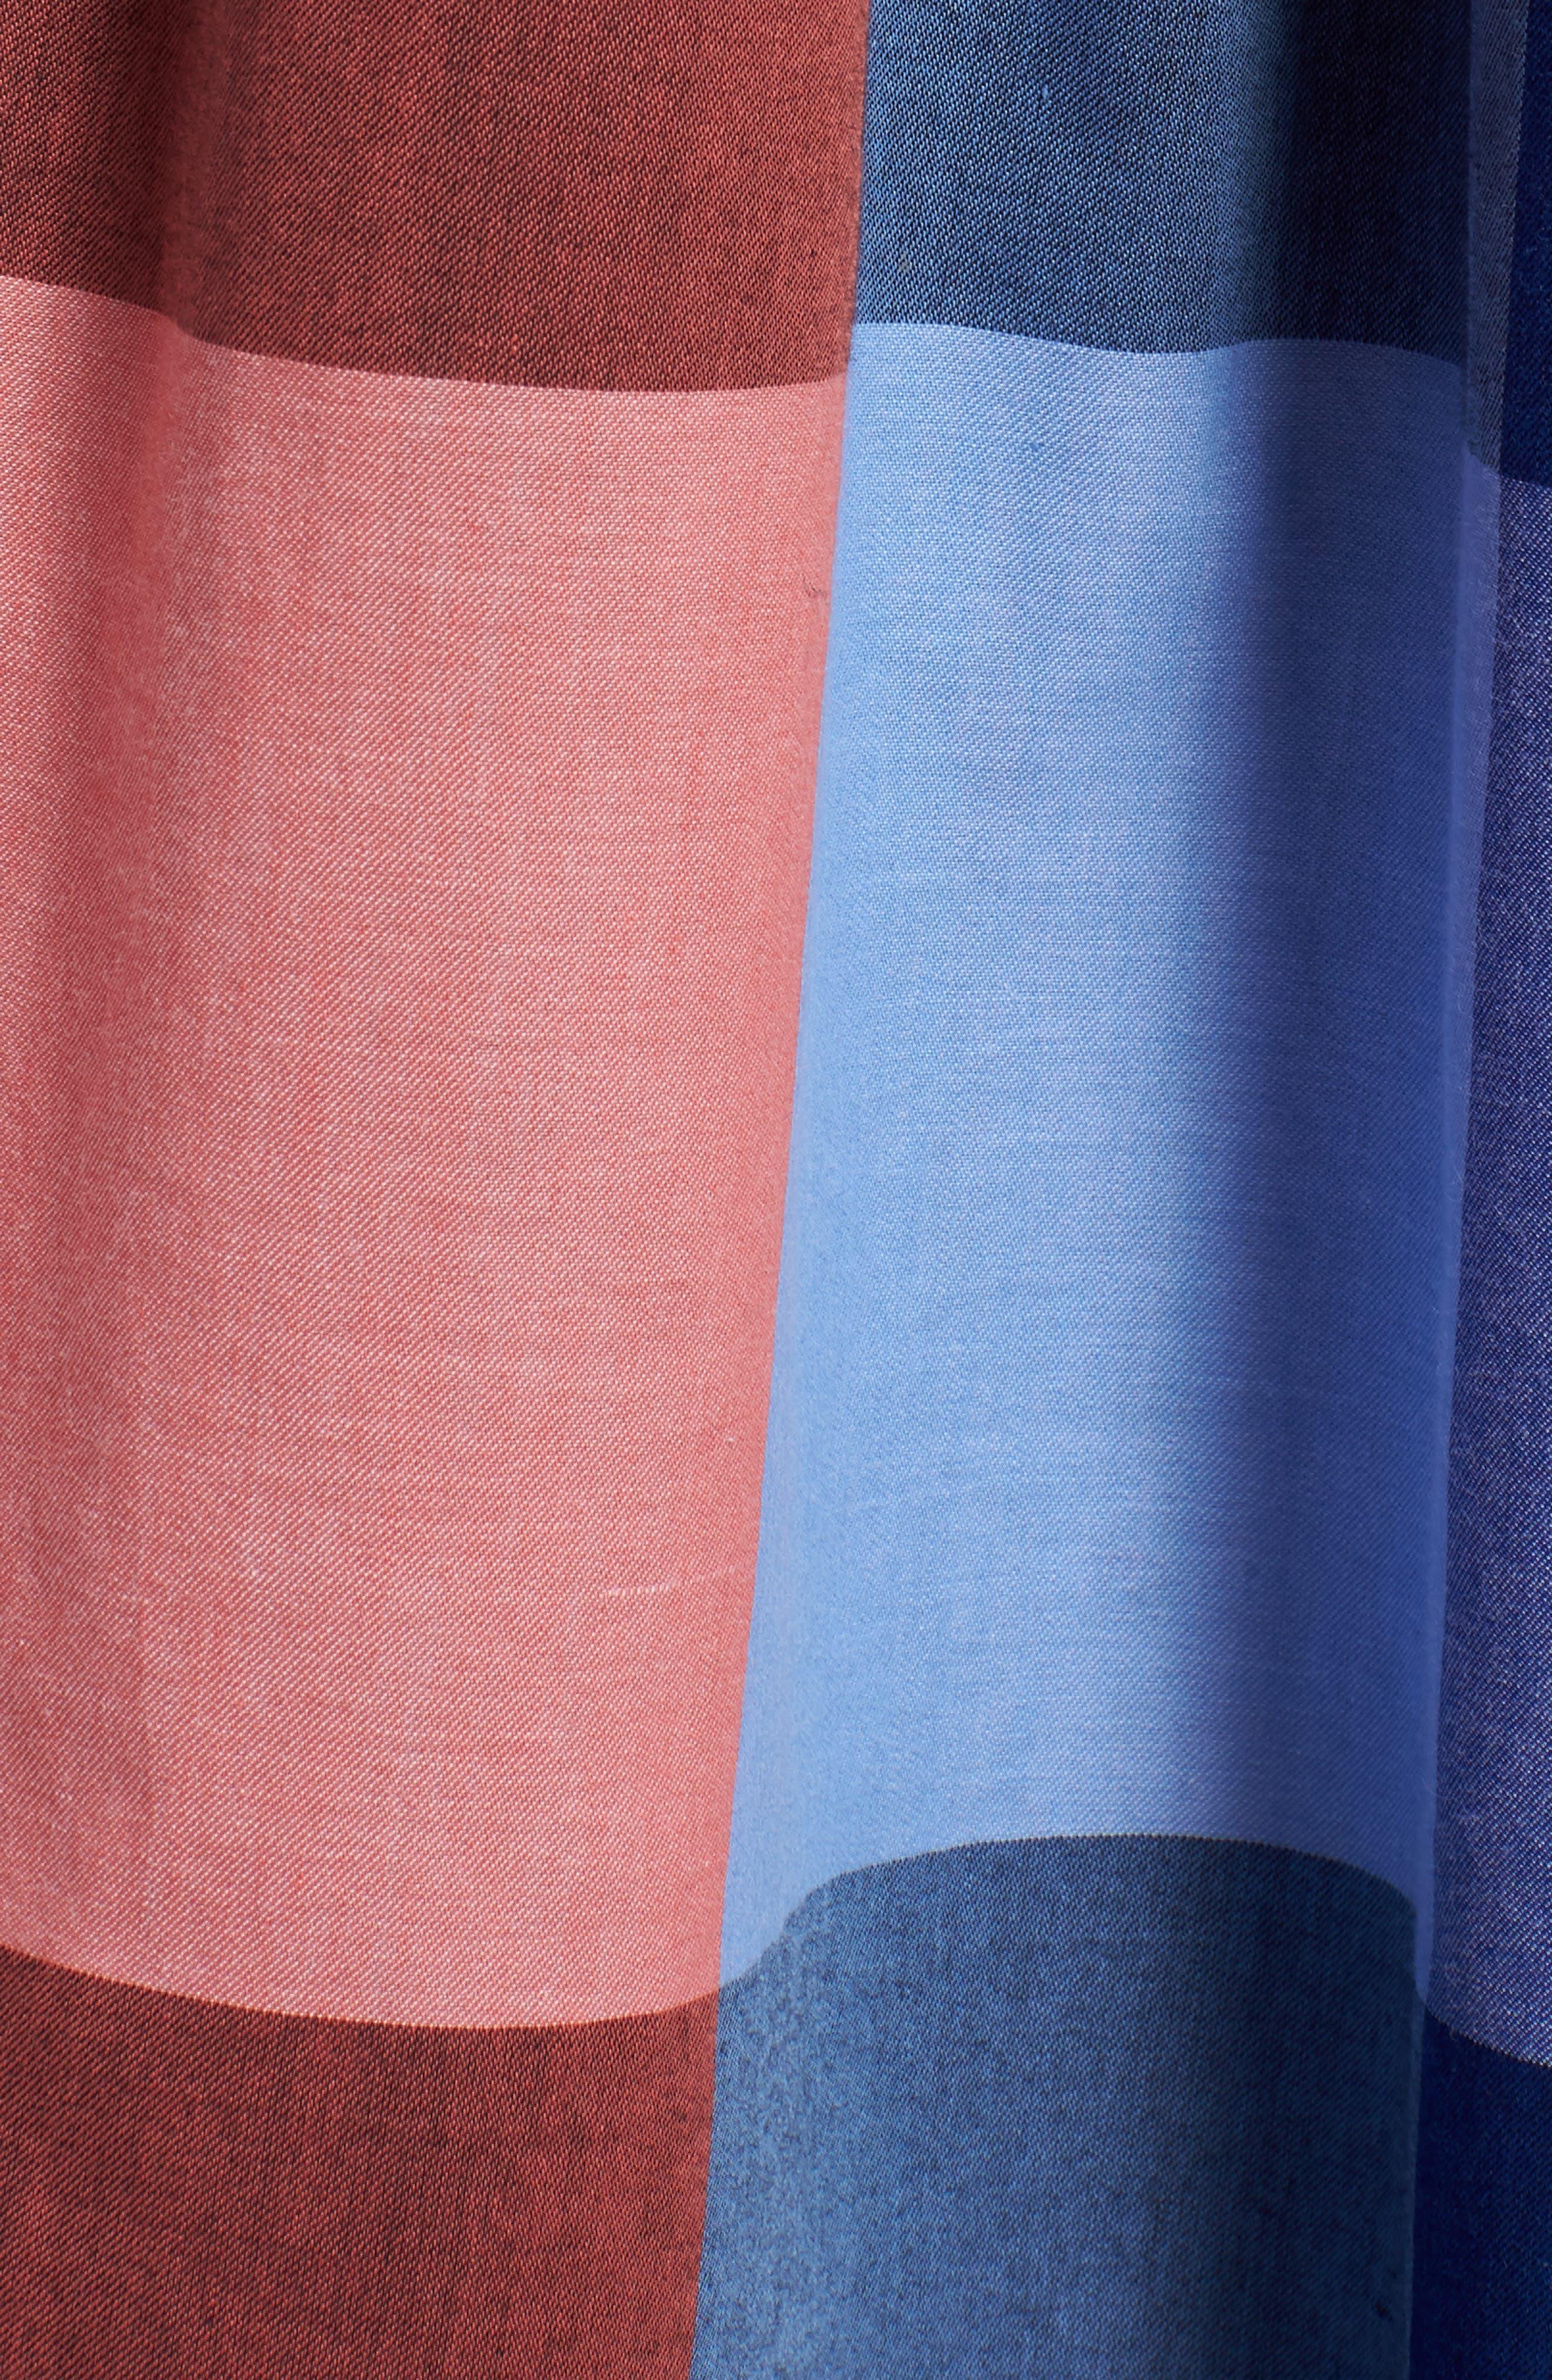 Plaid Cotton Wrap Style Dress,                             Alternate thumbnail 6, color,                             Pink- Blue Plaid